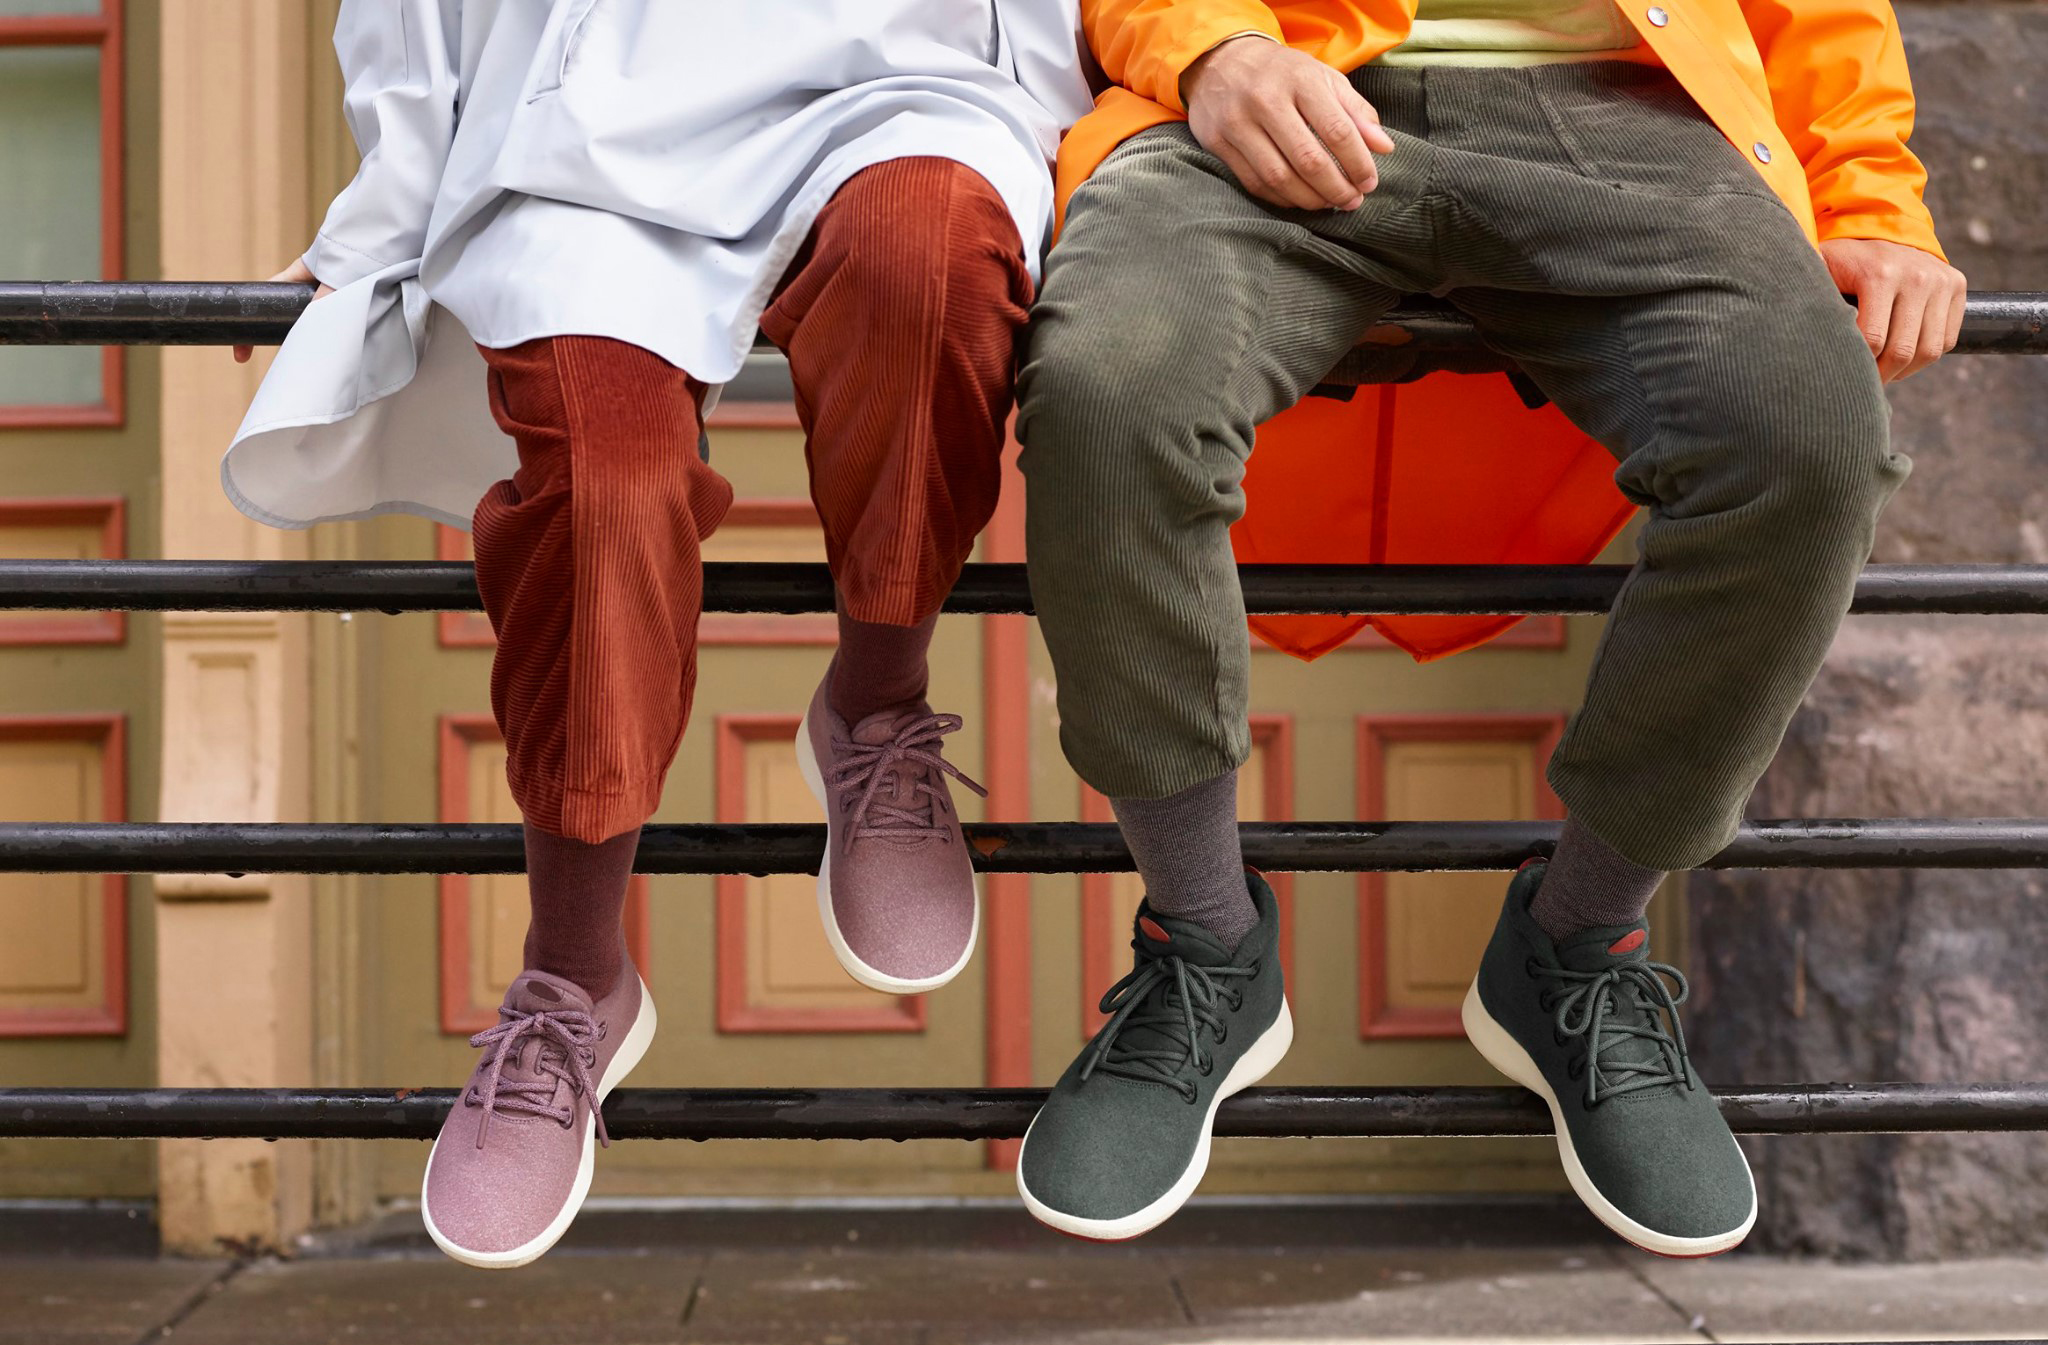 Peoples legs wearing allbird sneakers.